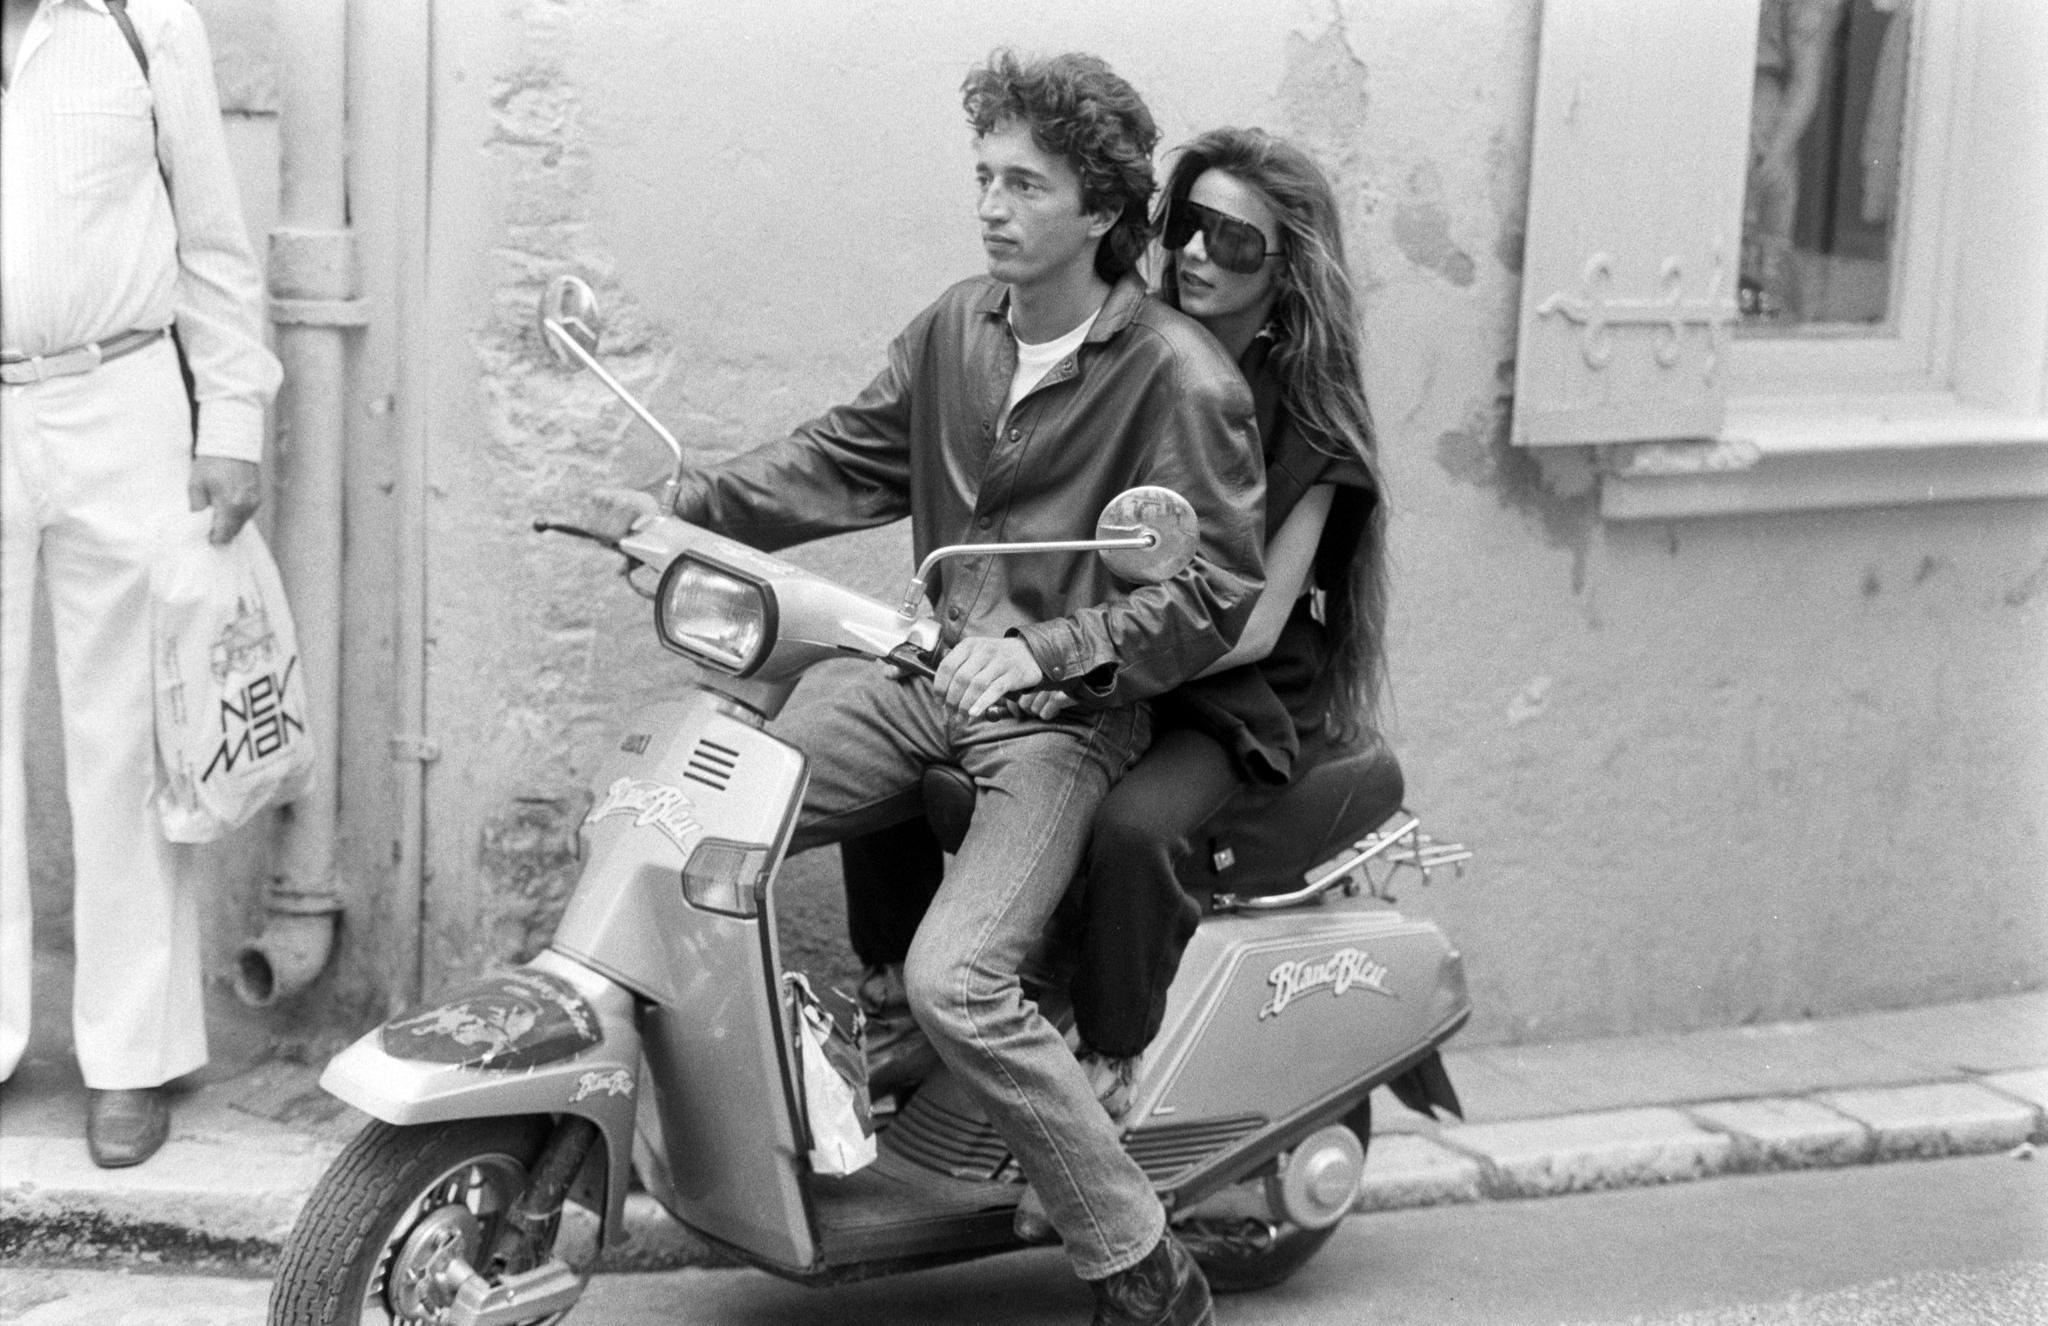 Saint-Tropez, France on June 6, 1984.